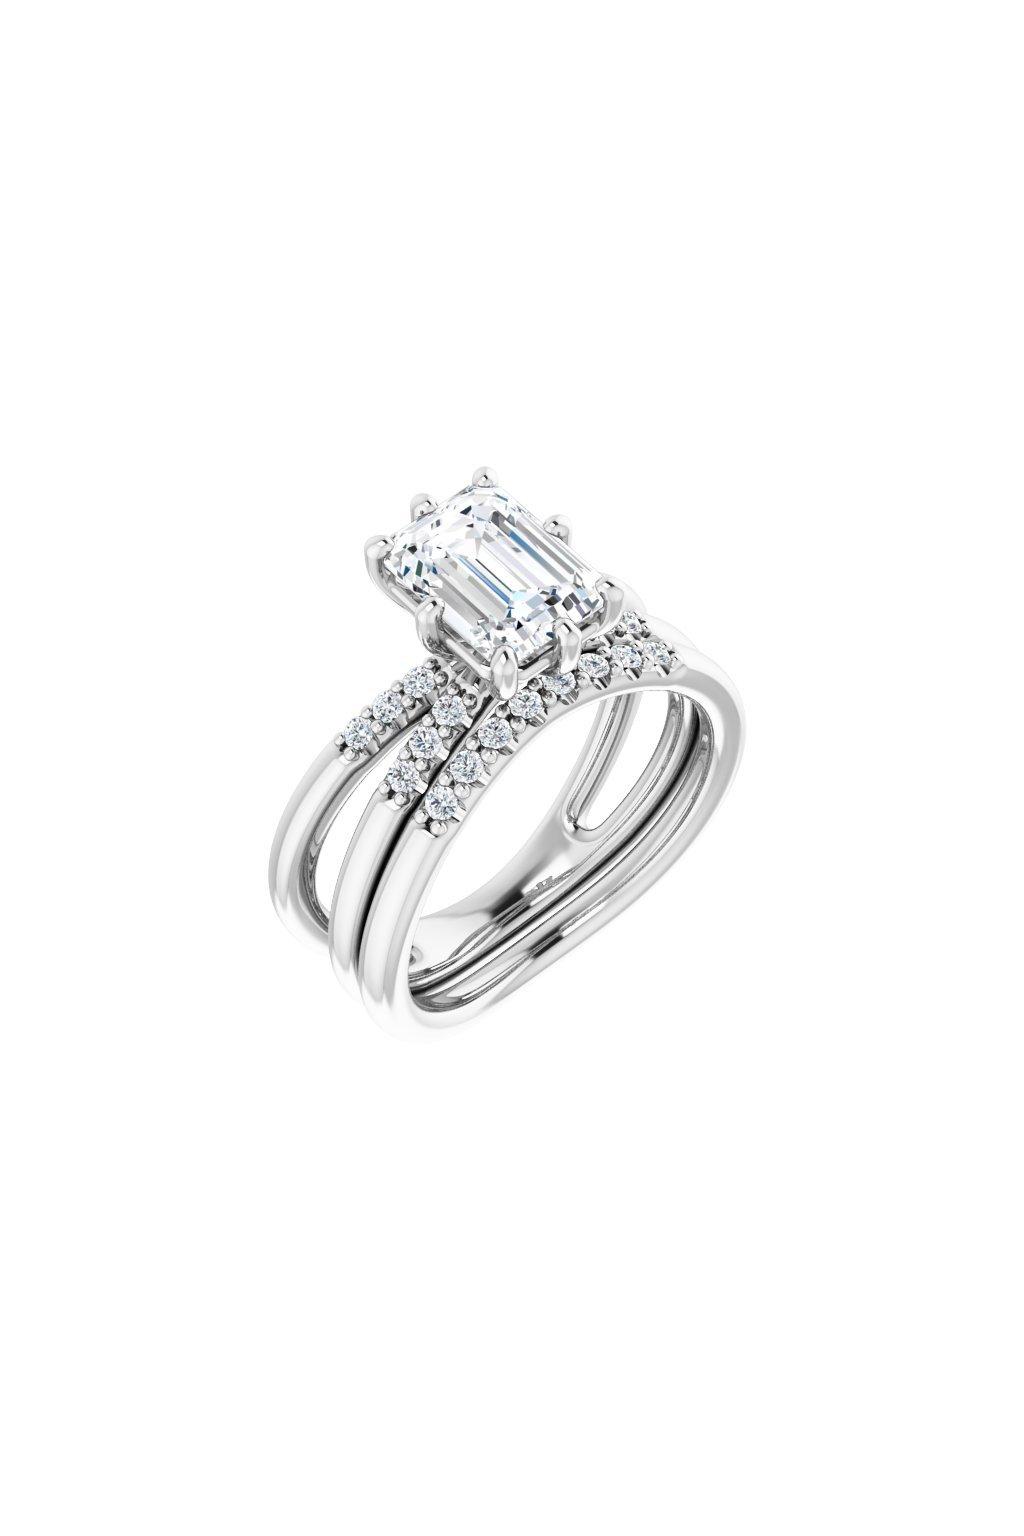 Zásnubní prsten Royalis  s 0,5Ct. brilantním diamantem